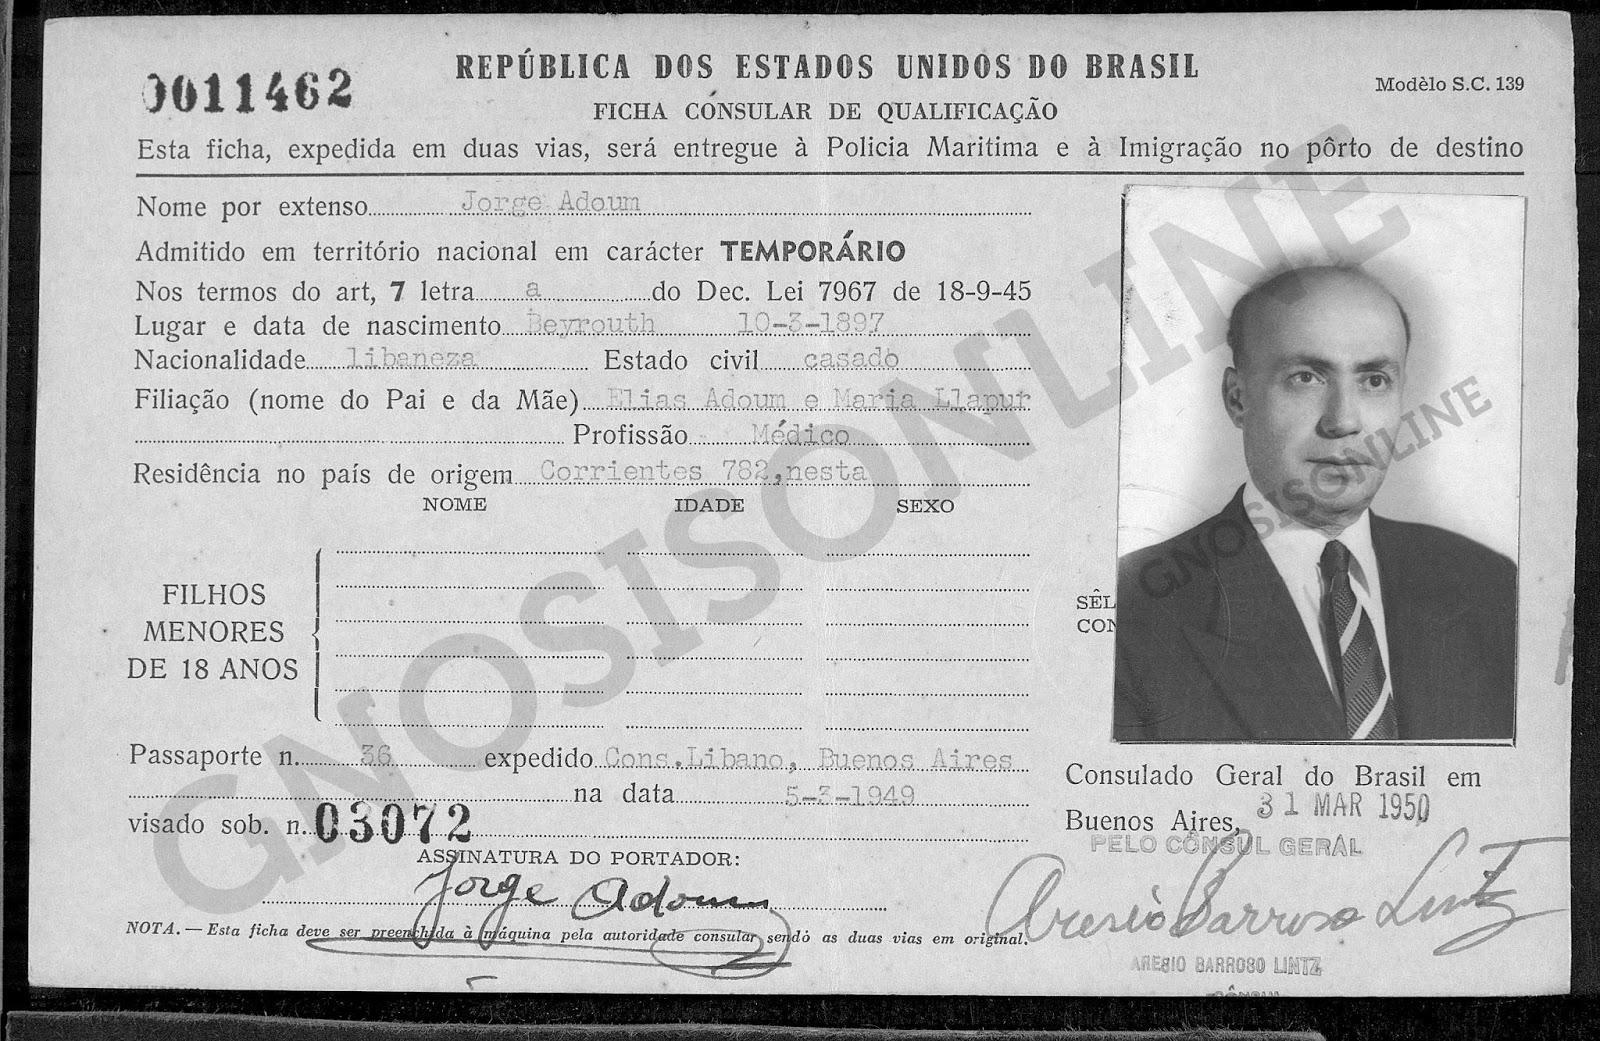 Adonai Jorge Adoum Pdf